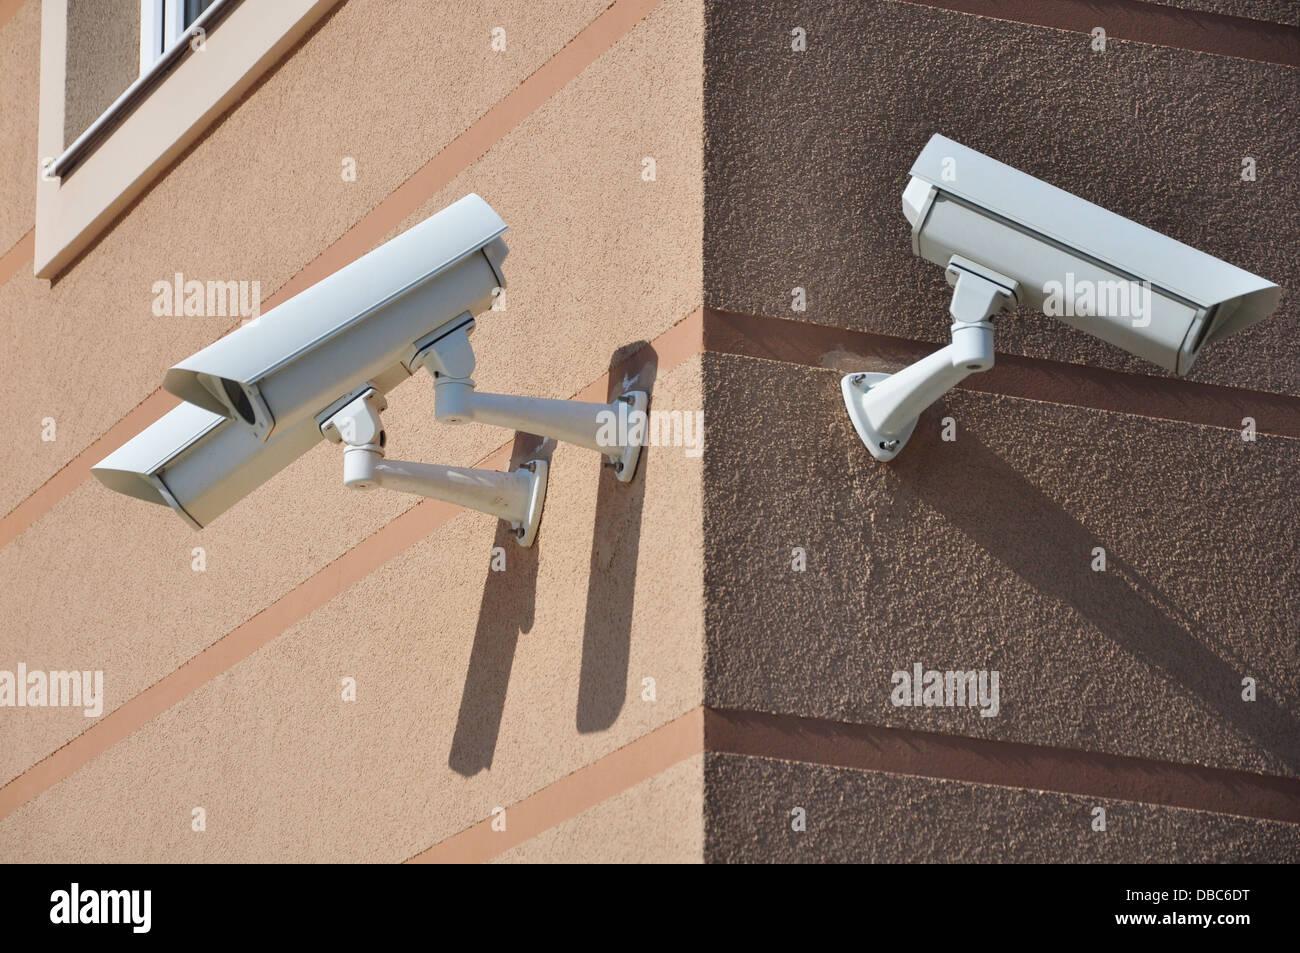 Gebäude mit Überwachungskameras beobachten rund um Stockbild